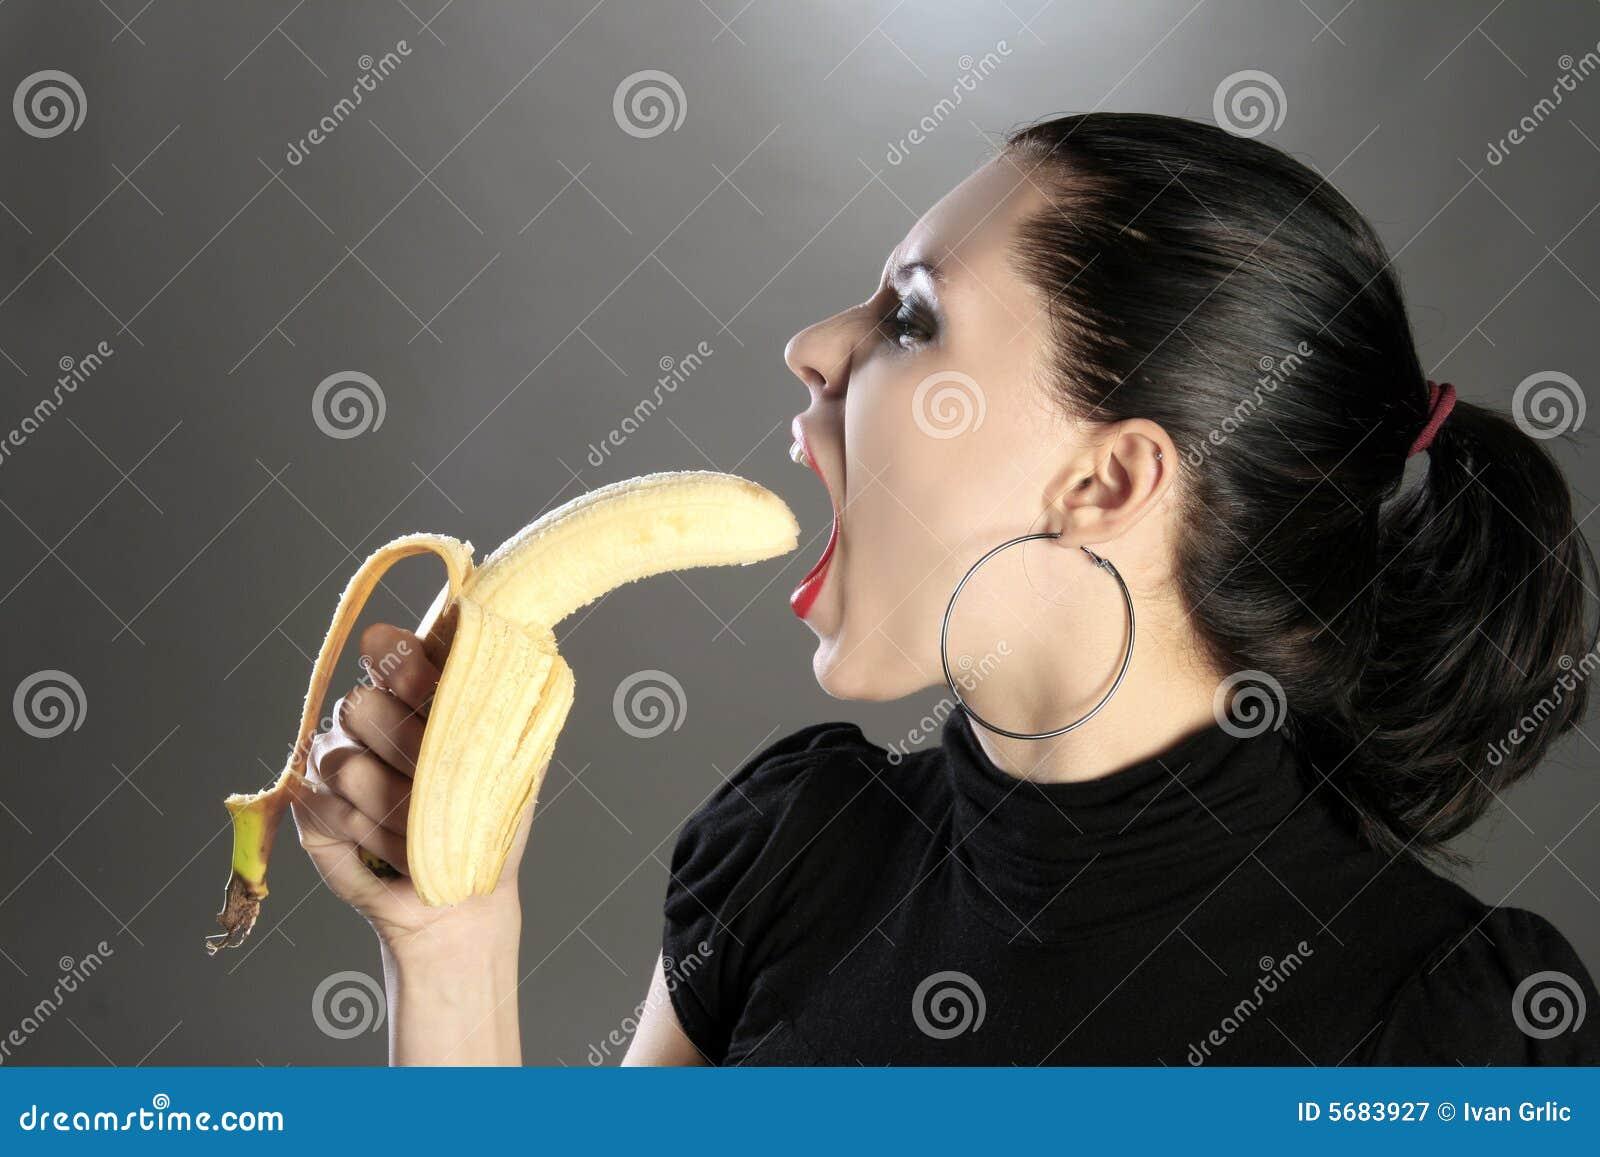 Фото девушек которые любят сперму, Жена любит сперму мужа фото подборка - Частное 21 фотография